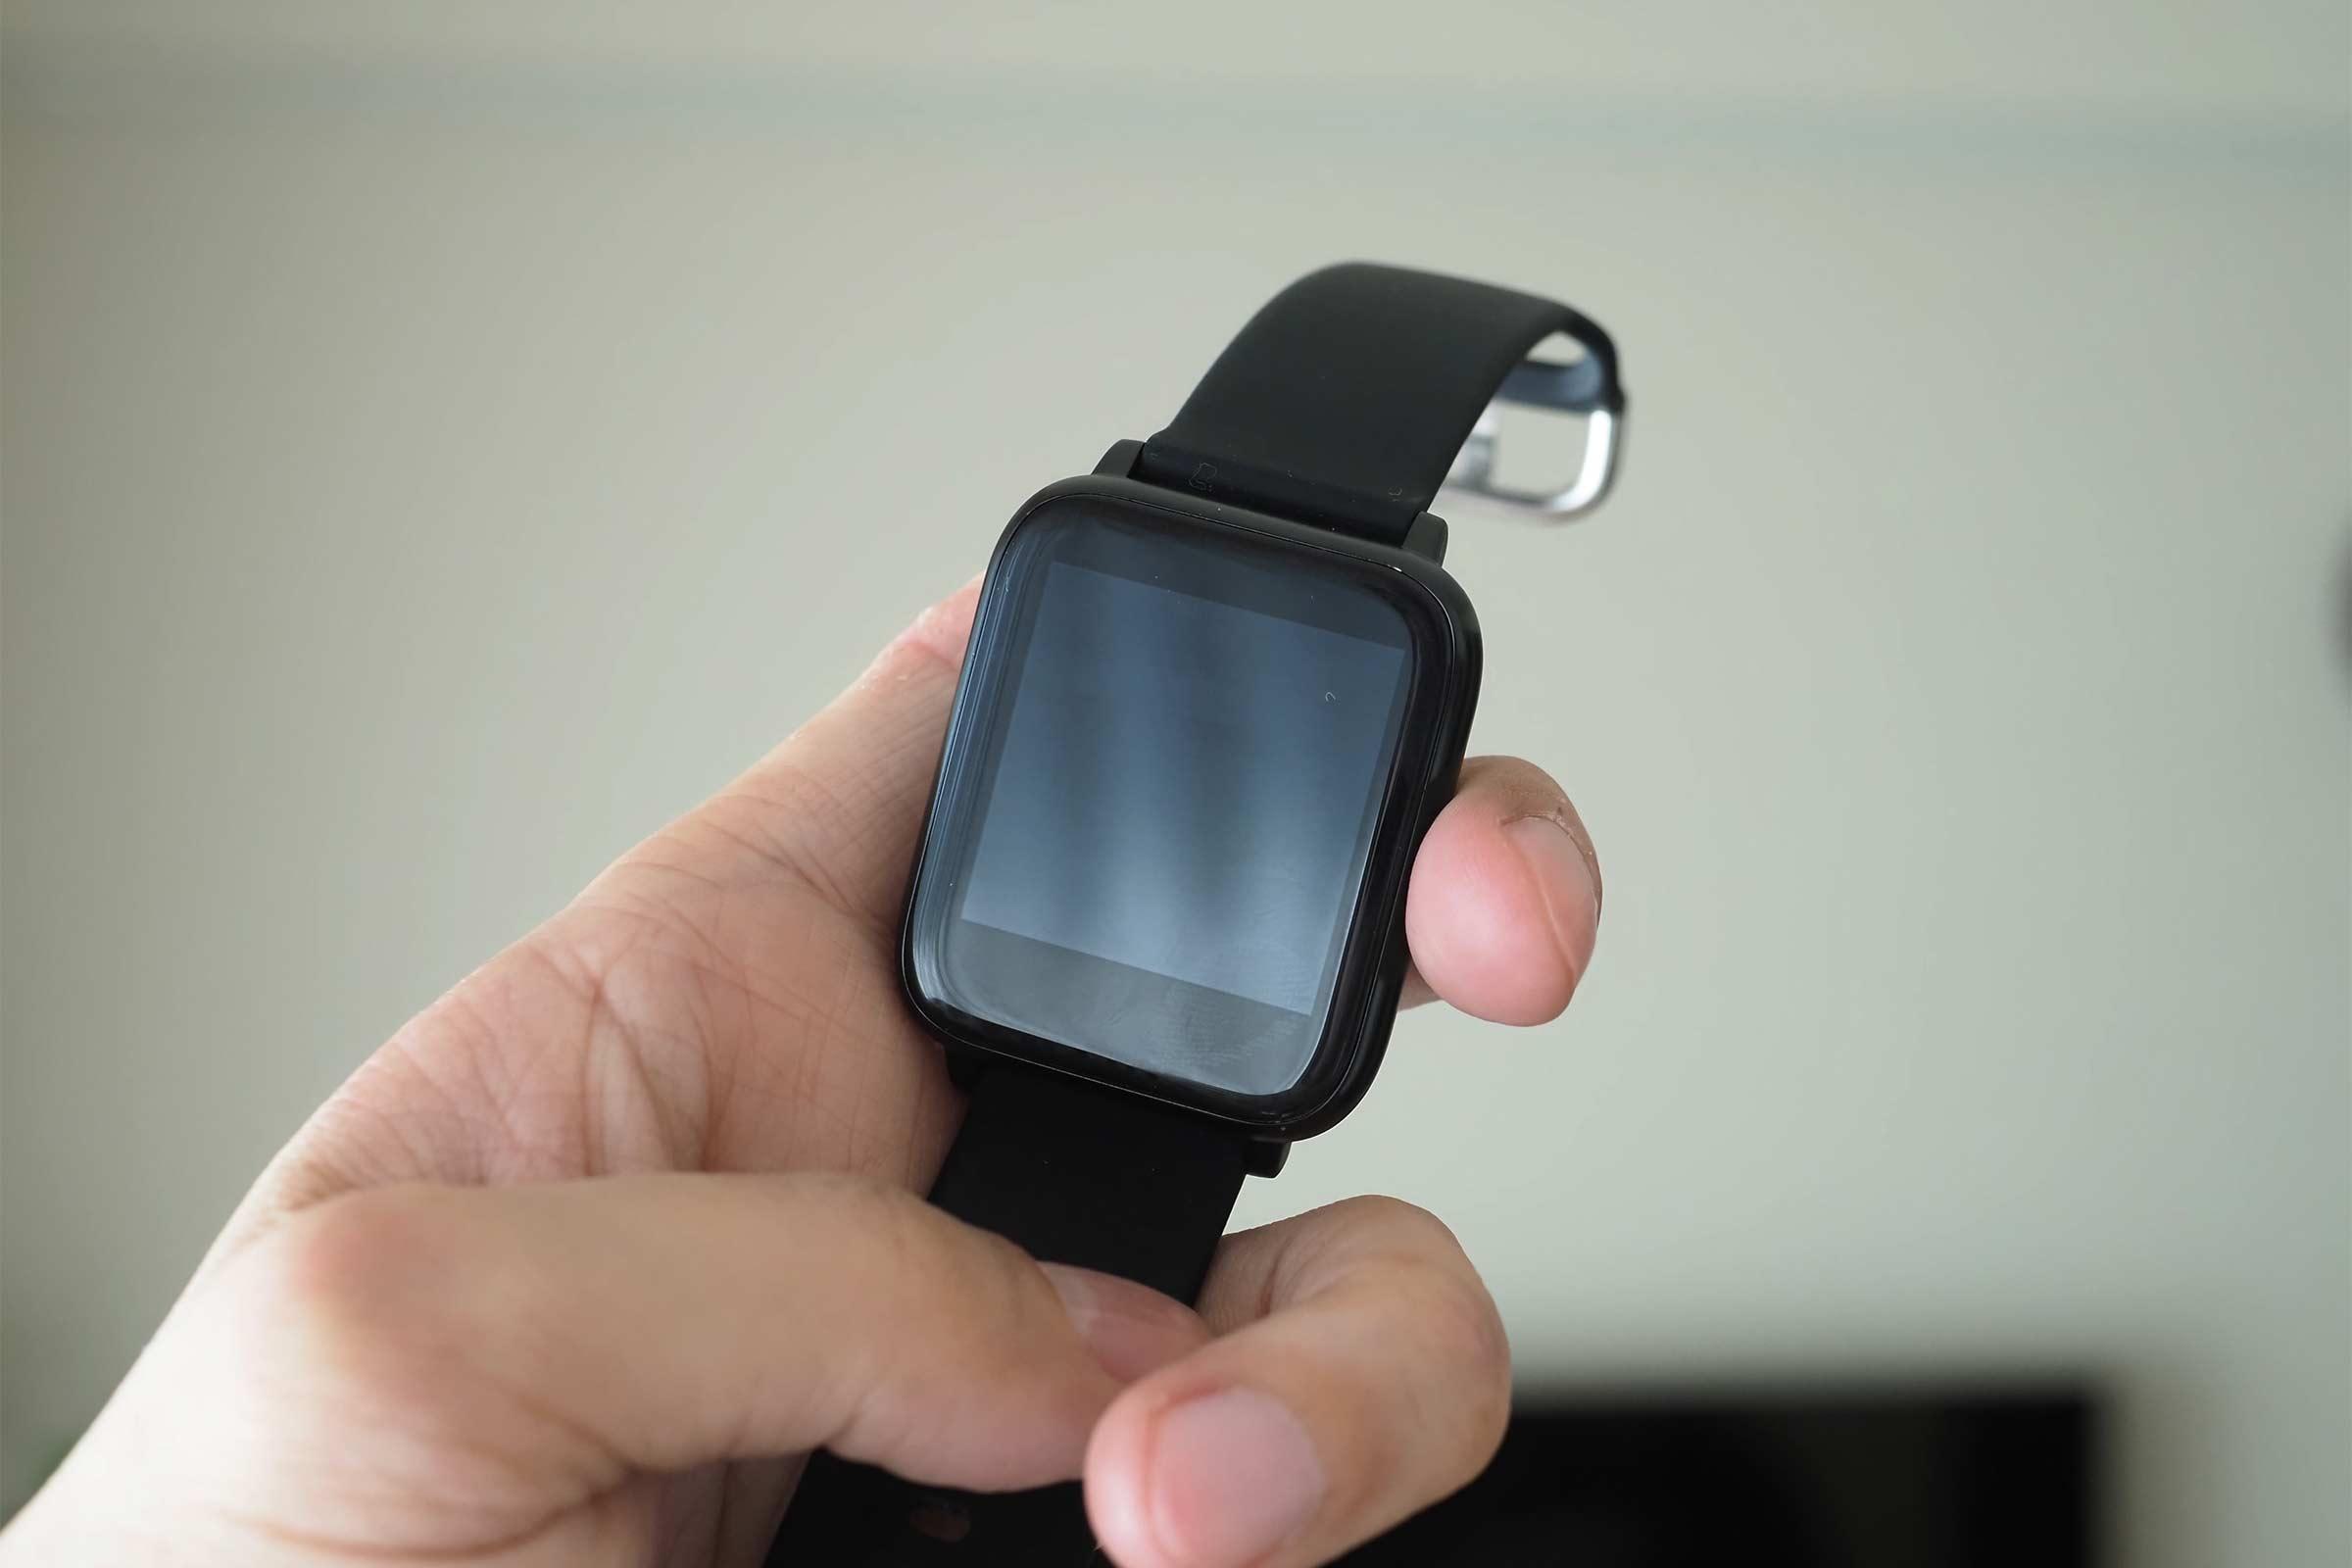 スマートウォッチ,Apple Watch,apple,高機能,安い,中華,フルスクリーン